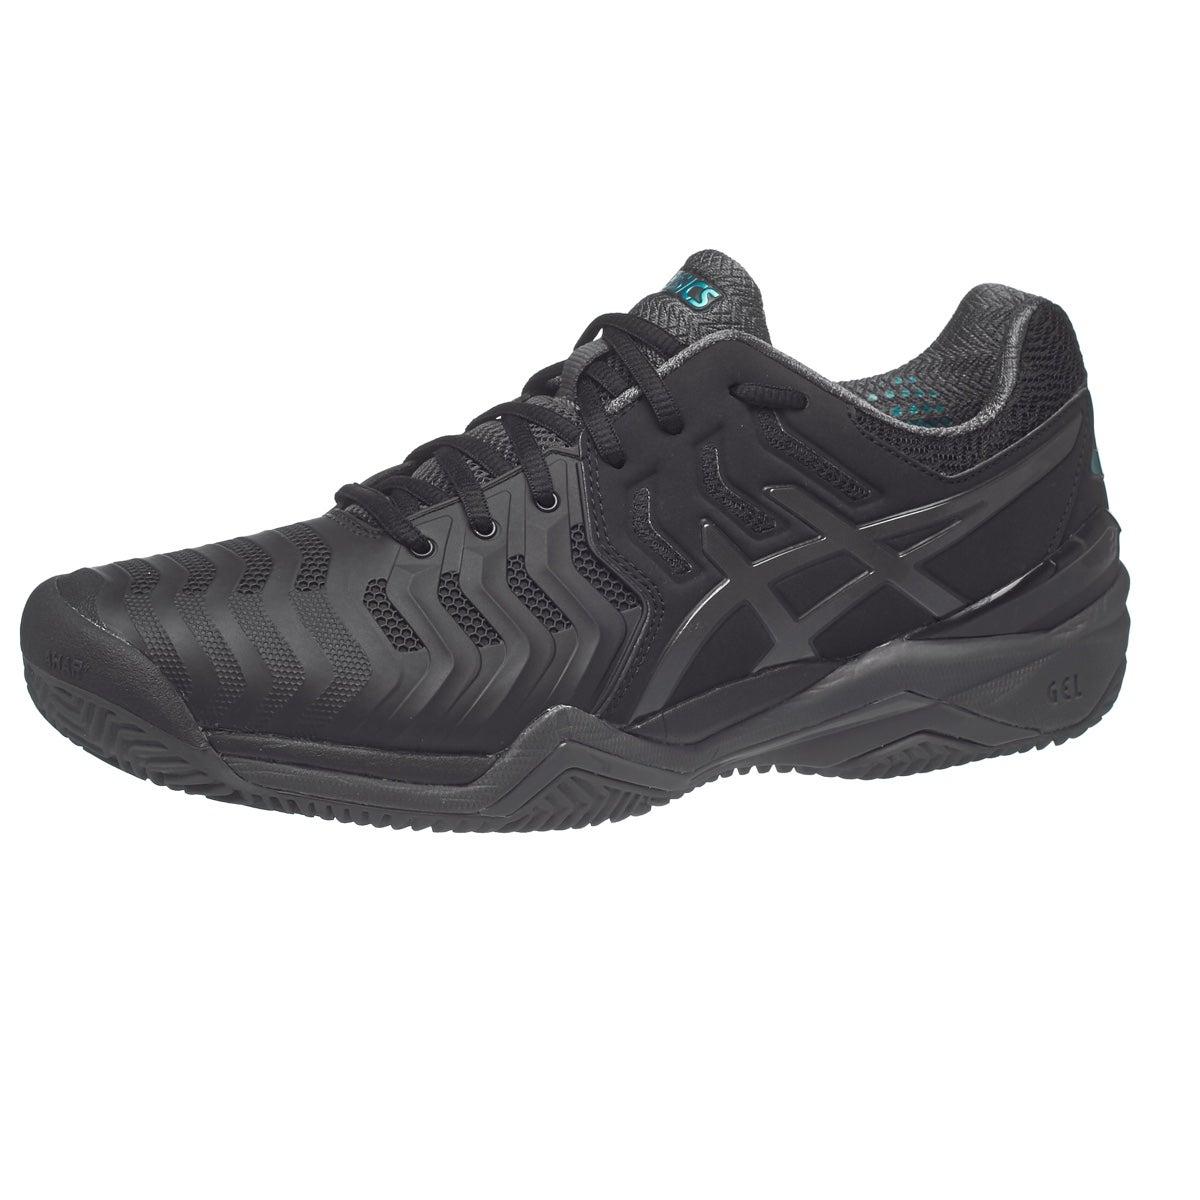 Chaussures ° Hommes Asics Gel Resolution 7 Argile Bl Argile Bk/ Gy/ Bl Vue 360 ° af3d905 - acornarboricultural.info